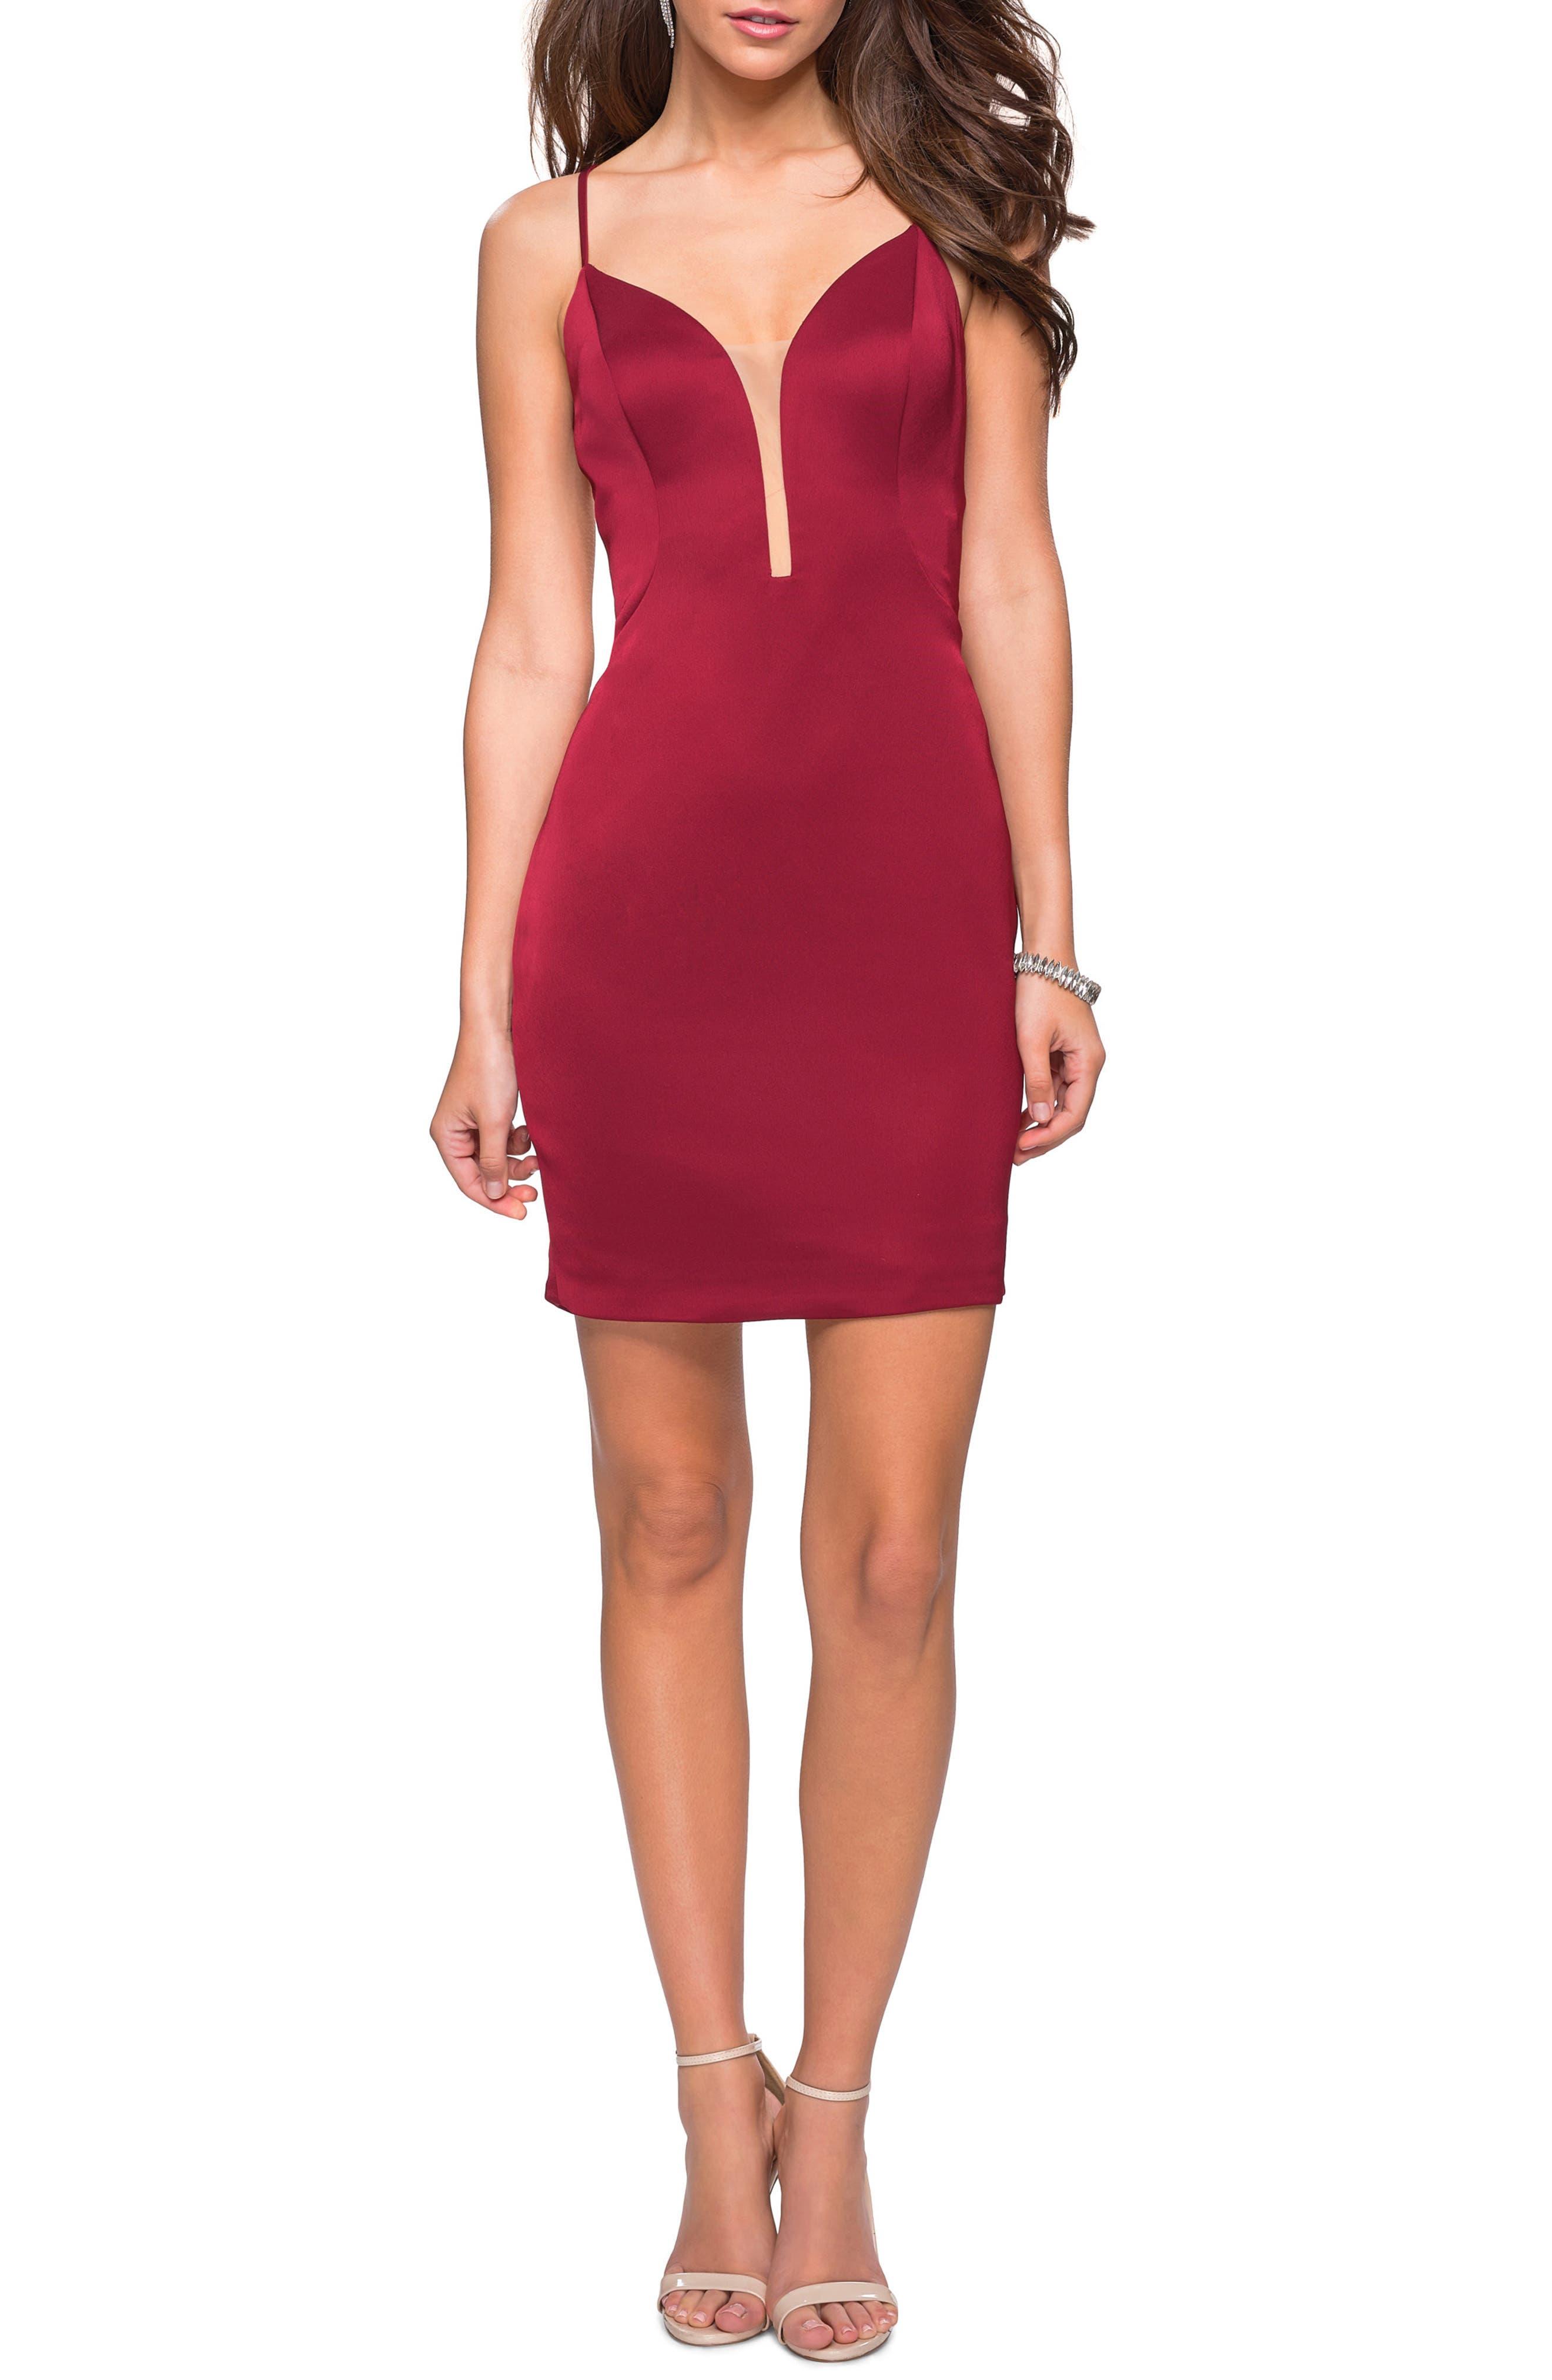 La Femme Strappy Back Satin Party Dress, Burgundy